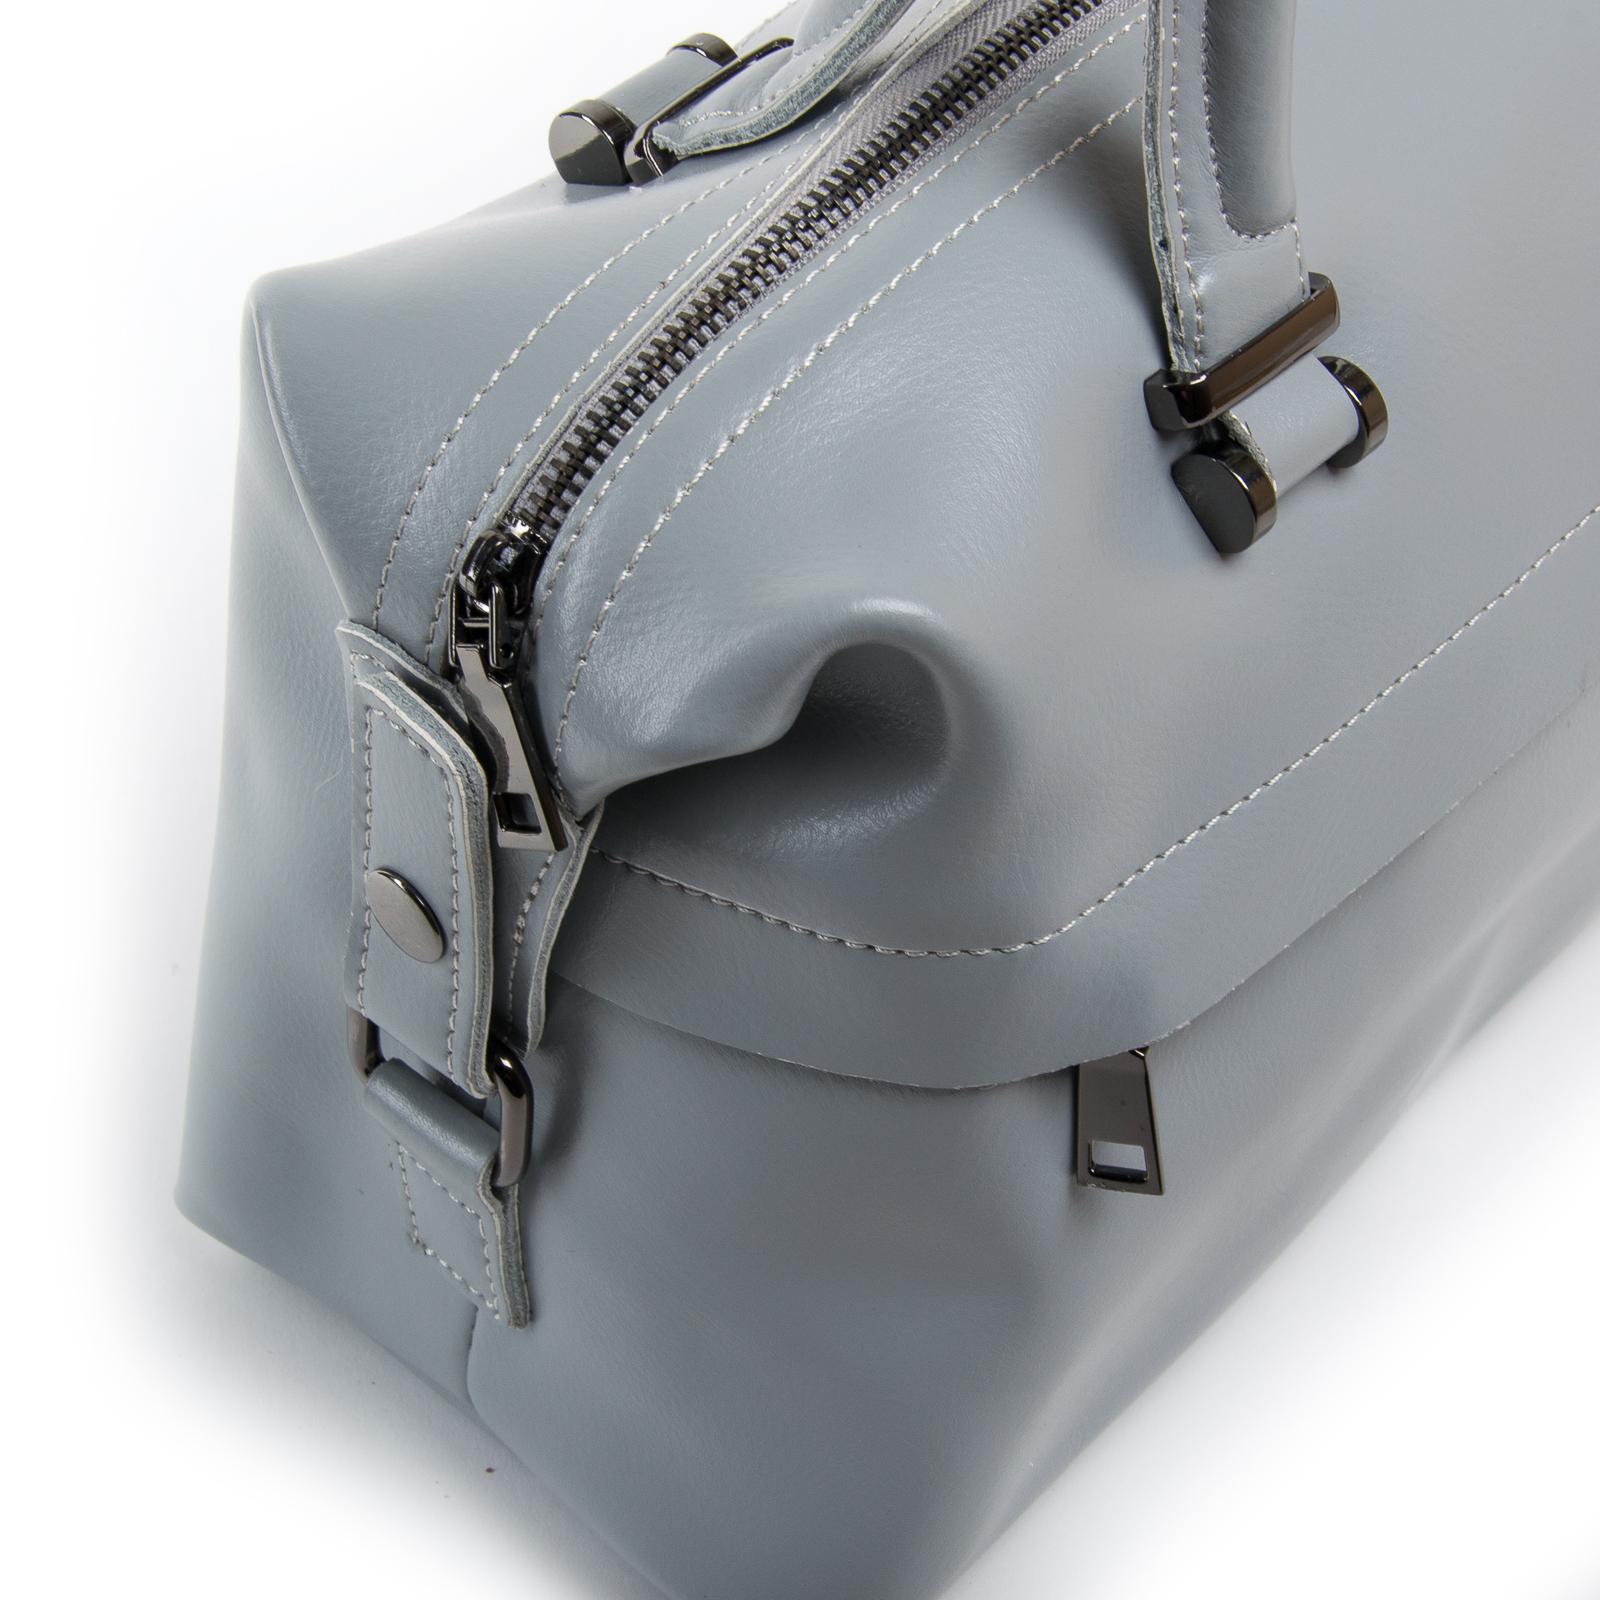 Сумка Женская Классическая кожа ALEX RAI 03-01 P1532 light-grey - фото 3